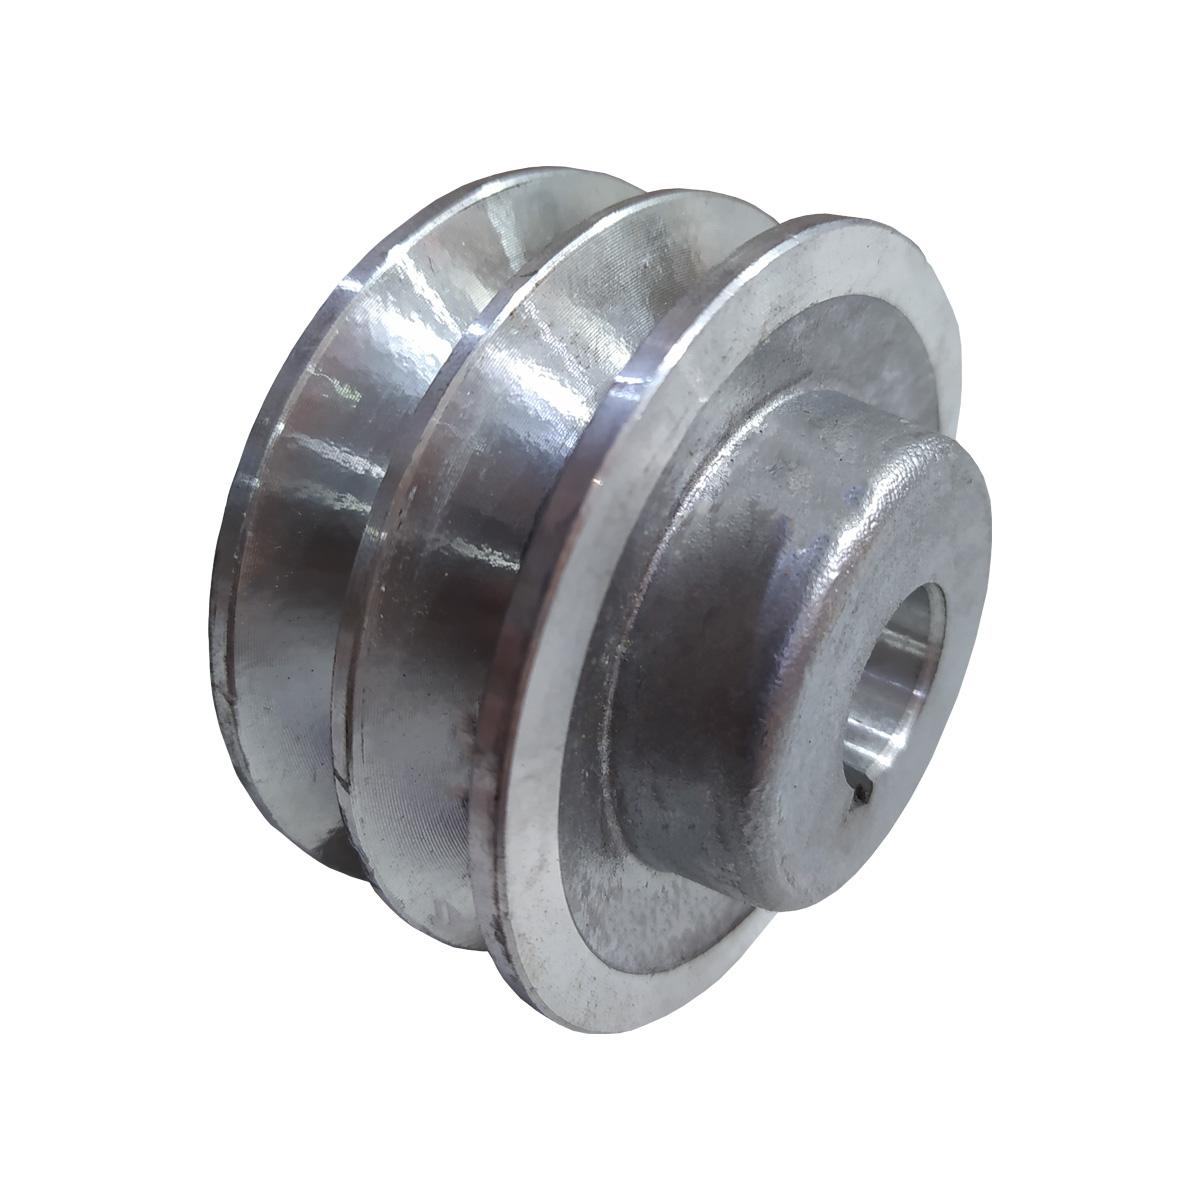 Polia De Aluminio 60mm Furo 3/4